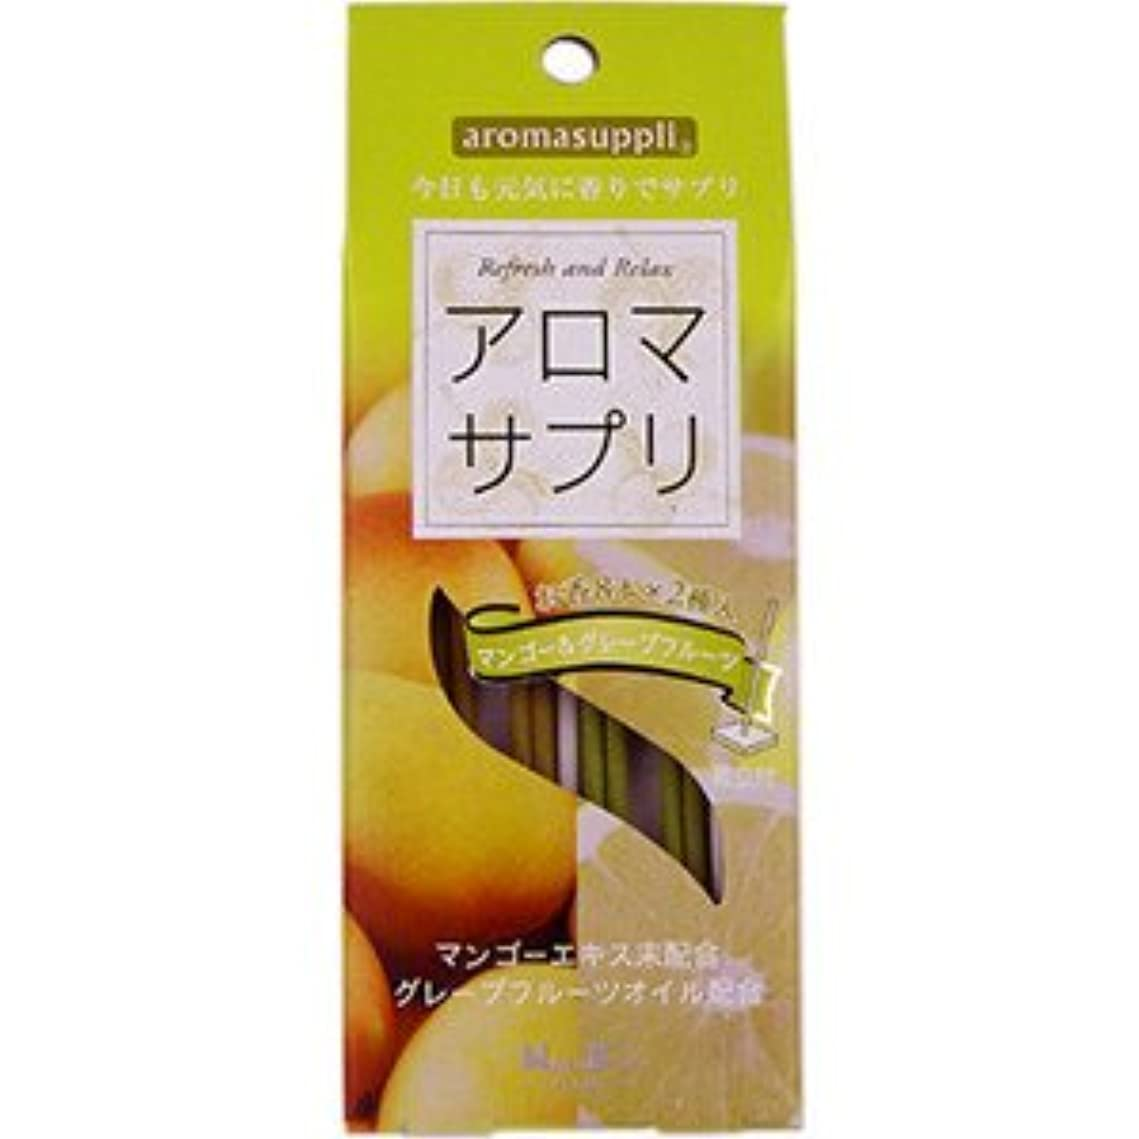 発明する品ブル日本香堂 アロマサプリ マンゴー&グレープフルーツ